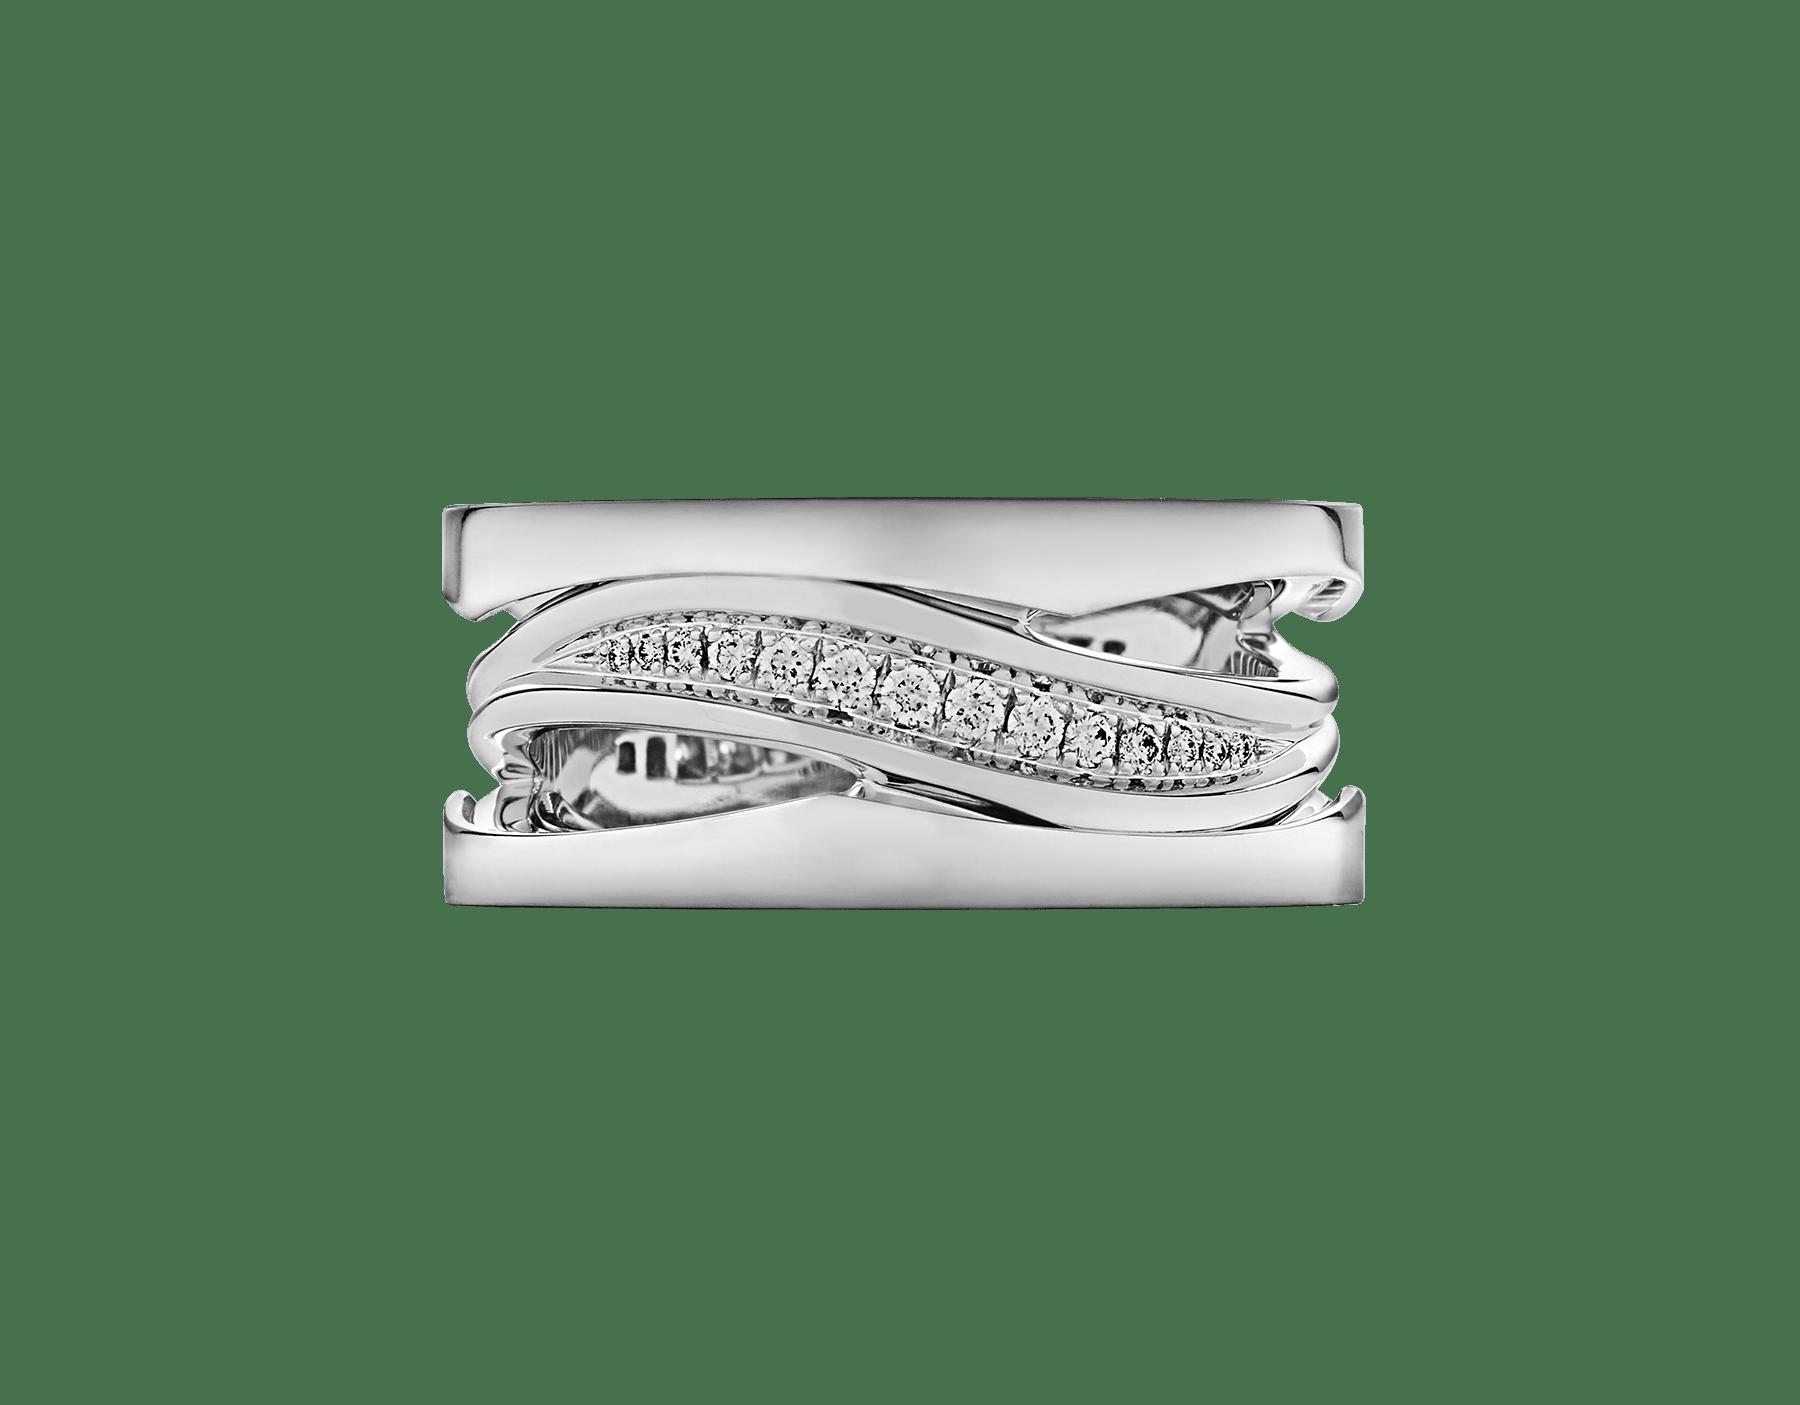 خاتم «بي.زيرو1 ديزاين ليدجند» من الذهب الأبيض عيار 18 قيراطاً، مرصع بألماس مرصوف على الجزء اللولبي. AN858378 image 3